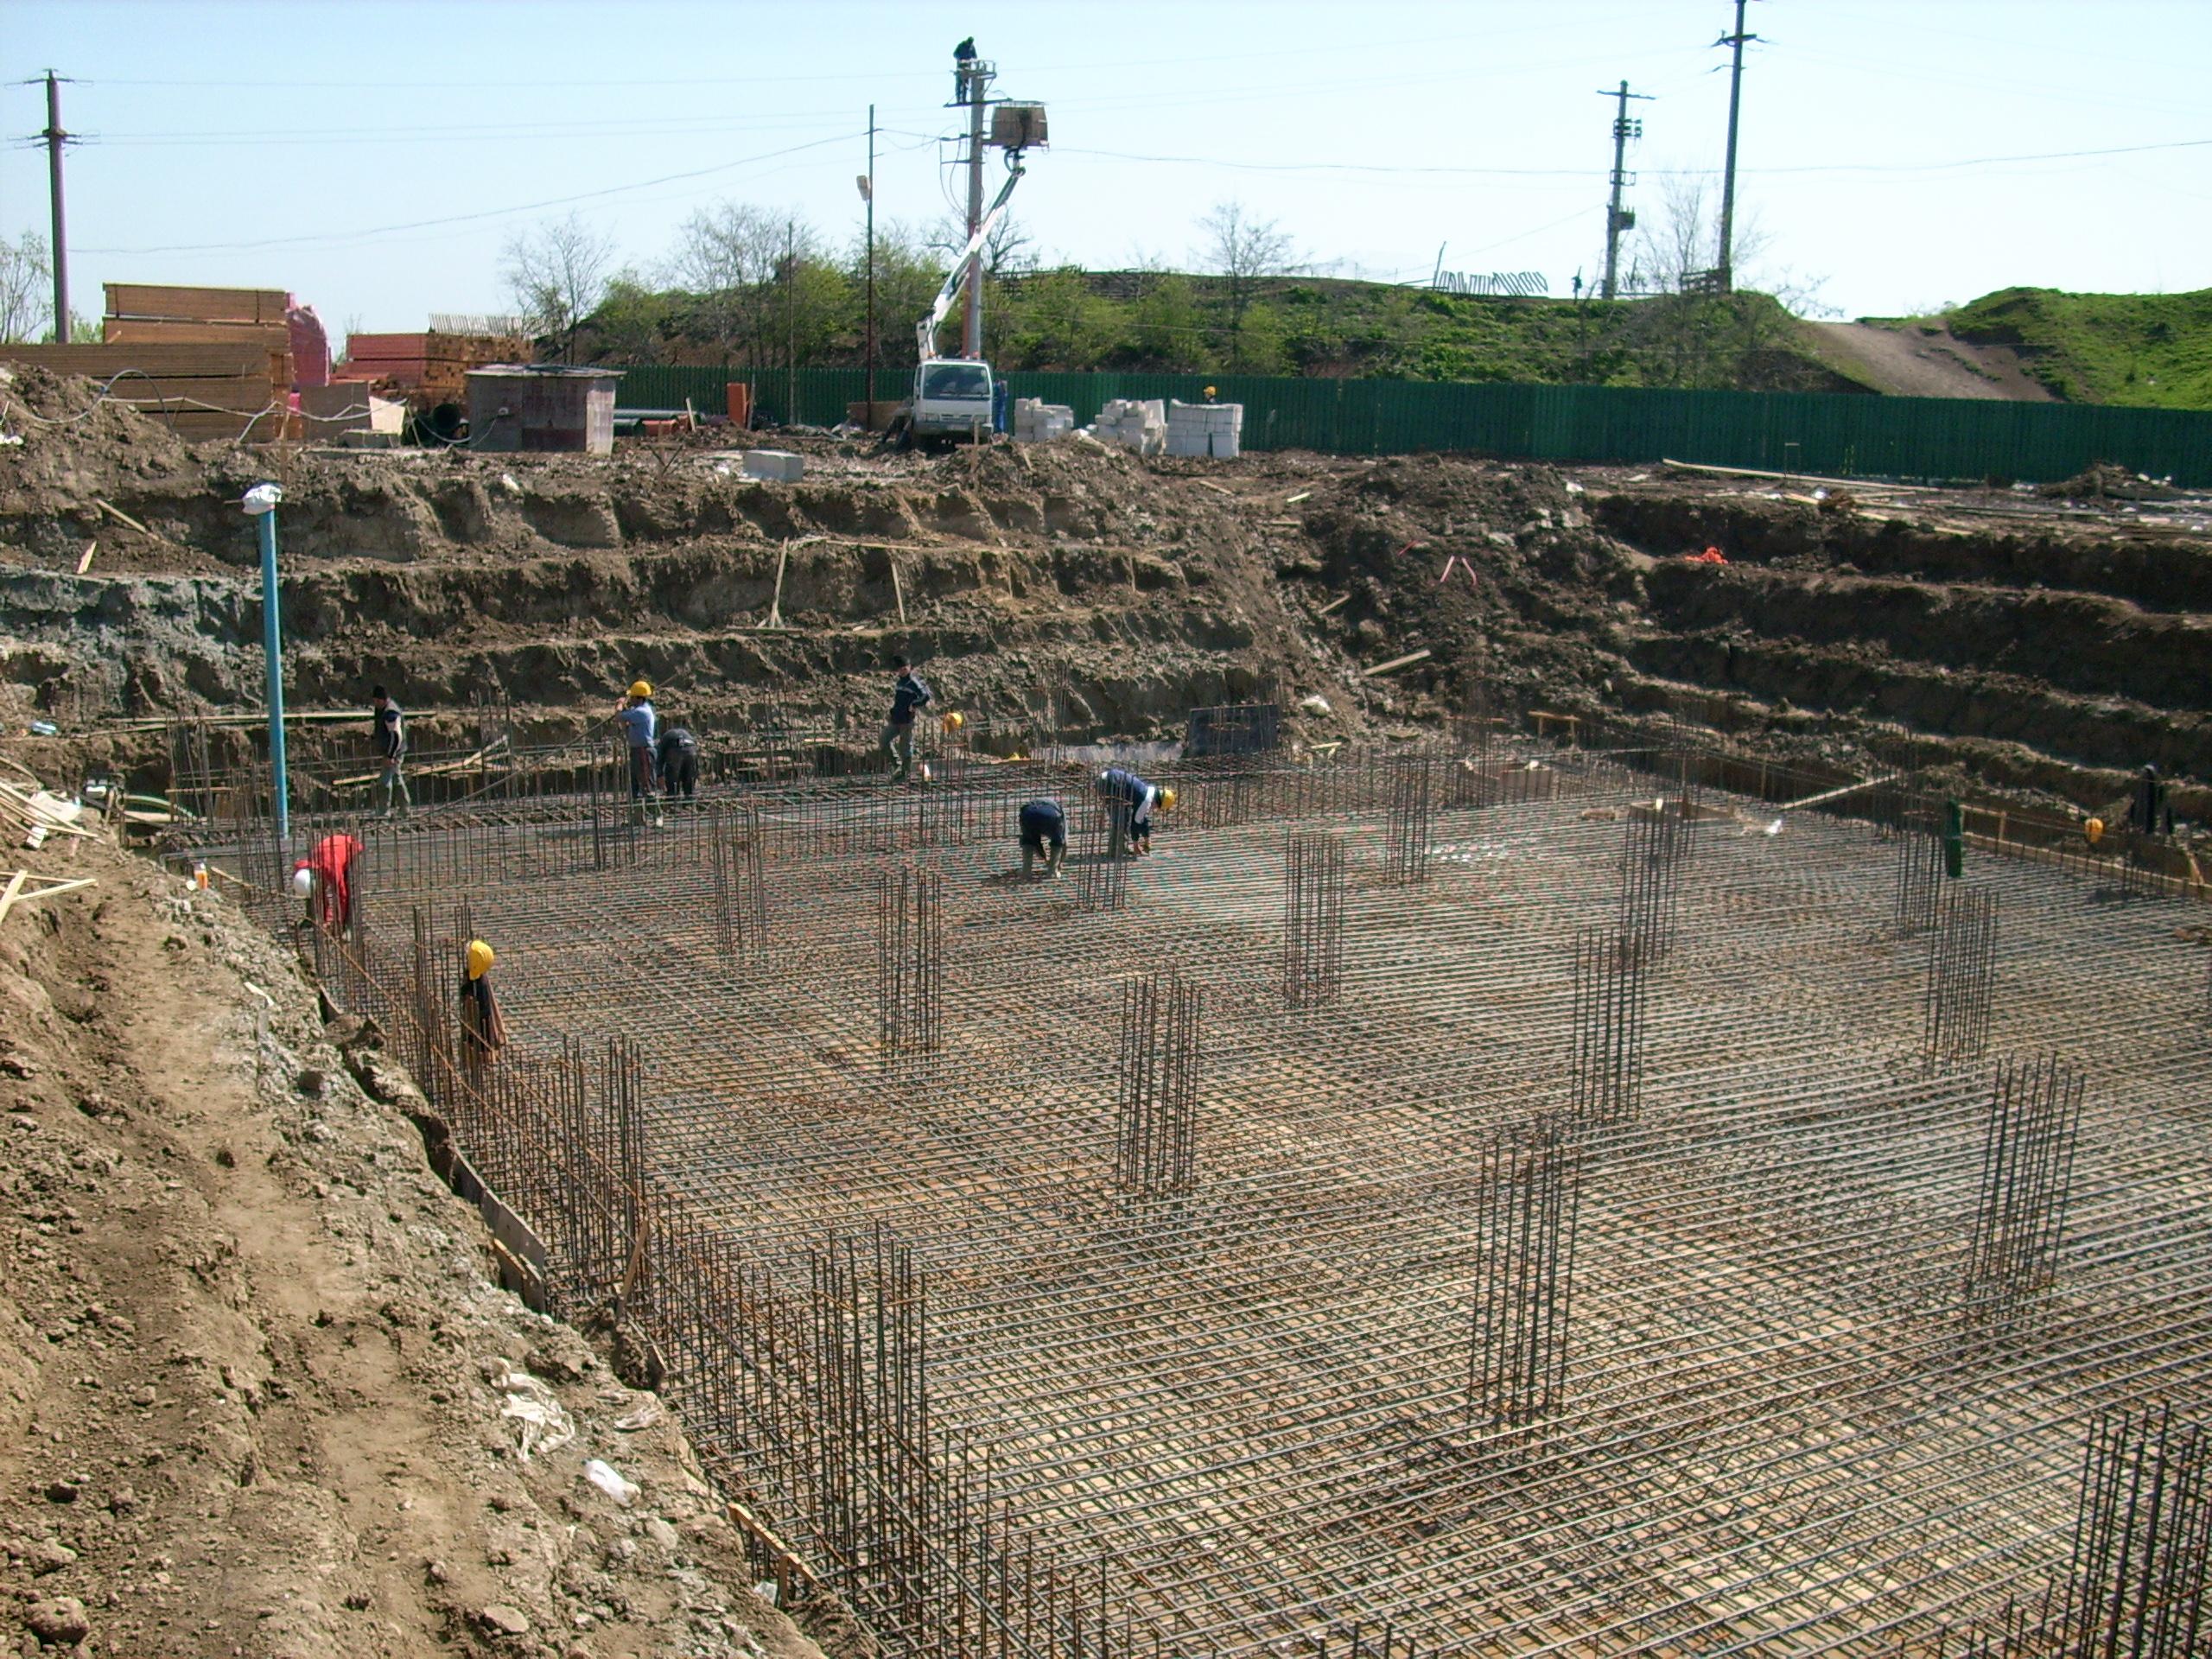 Etansare gauri tiranti - PRO HOTELS - Bazin apa - Complexul City Confort UNICO PROFIT - Poza 5